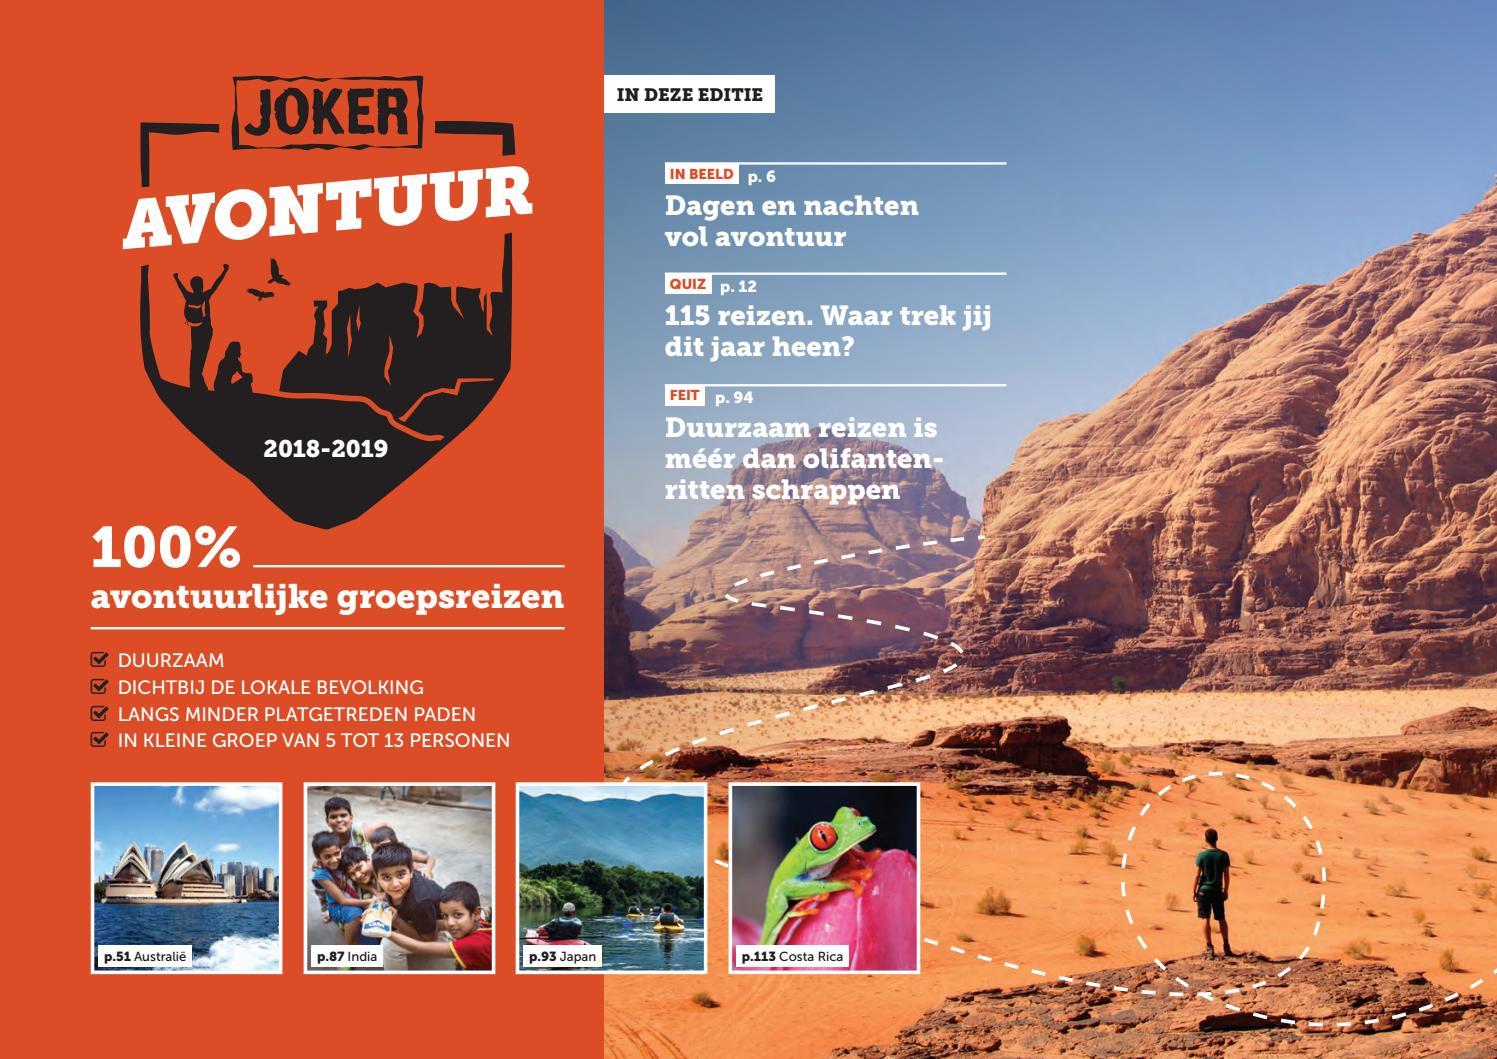 Issuu Avontuur 2019 Brochure 2018 Joker By Reizen 1TlFJuKc3